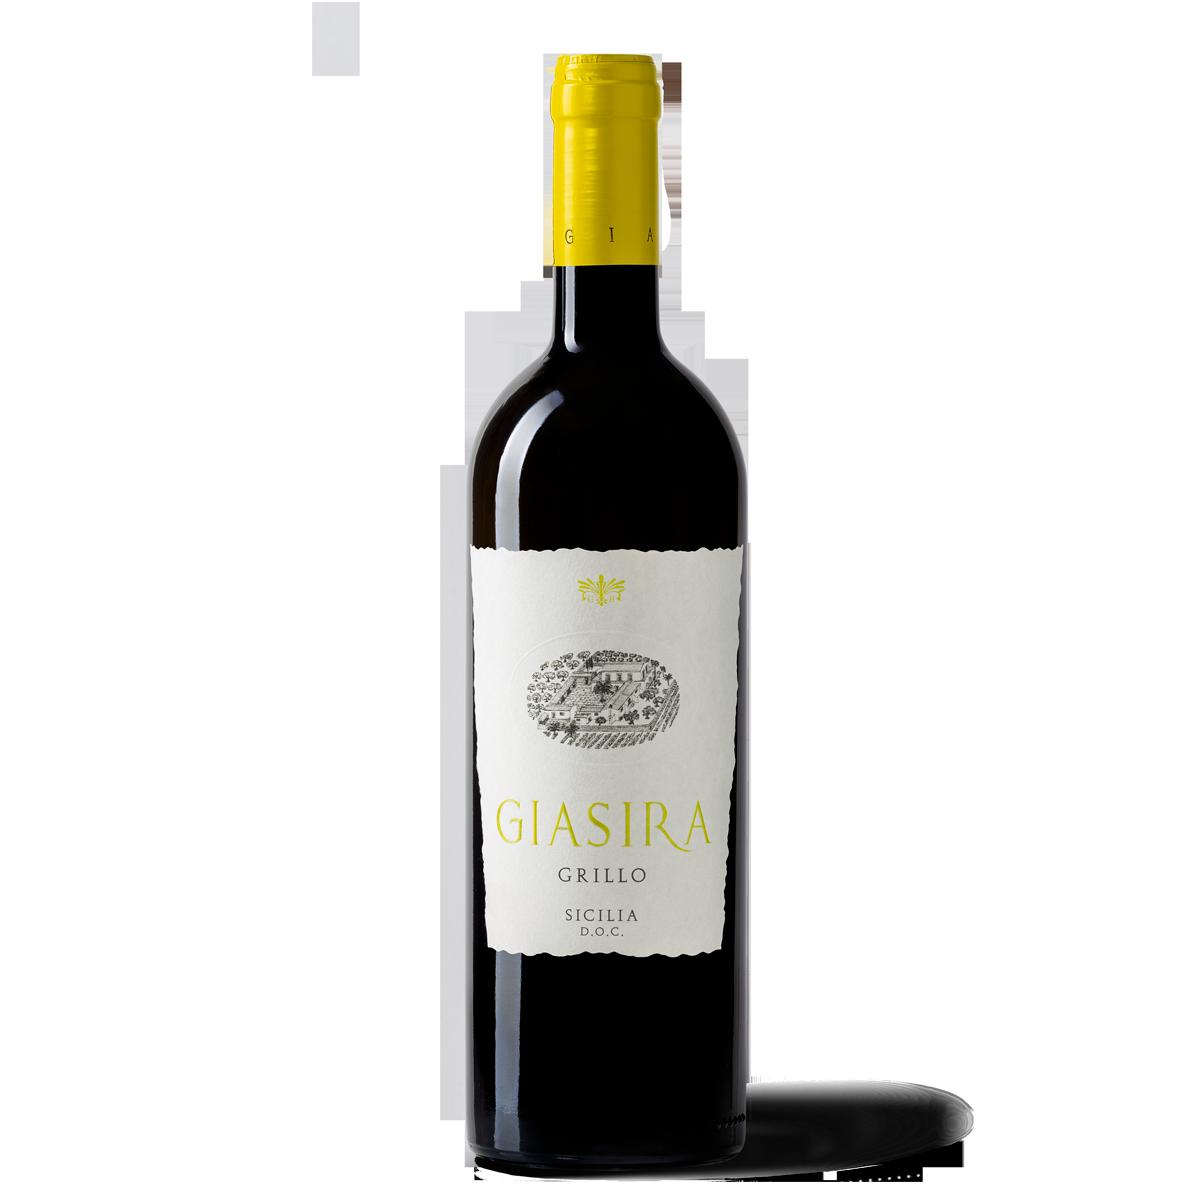 Grillo 100% ottenuto da uve Grillo, vitigno autoctono siciliano - La Giasira